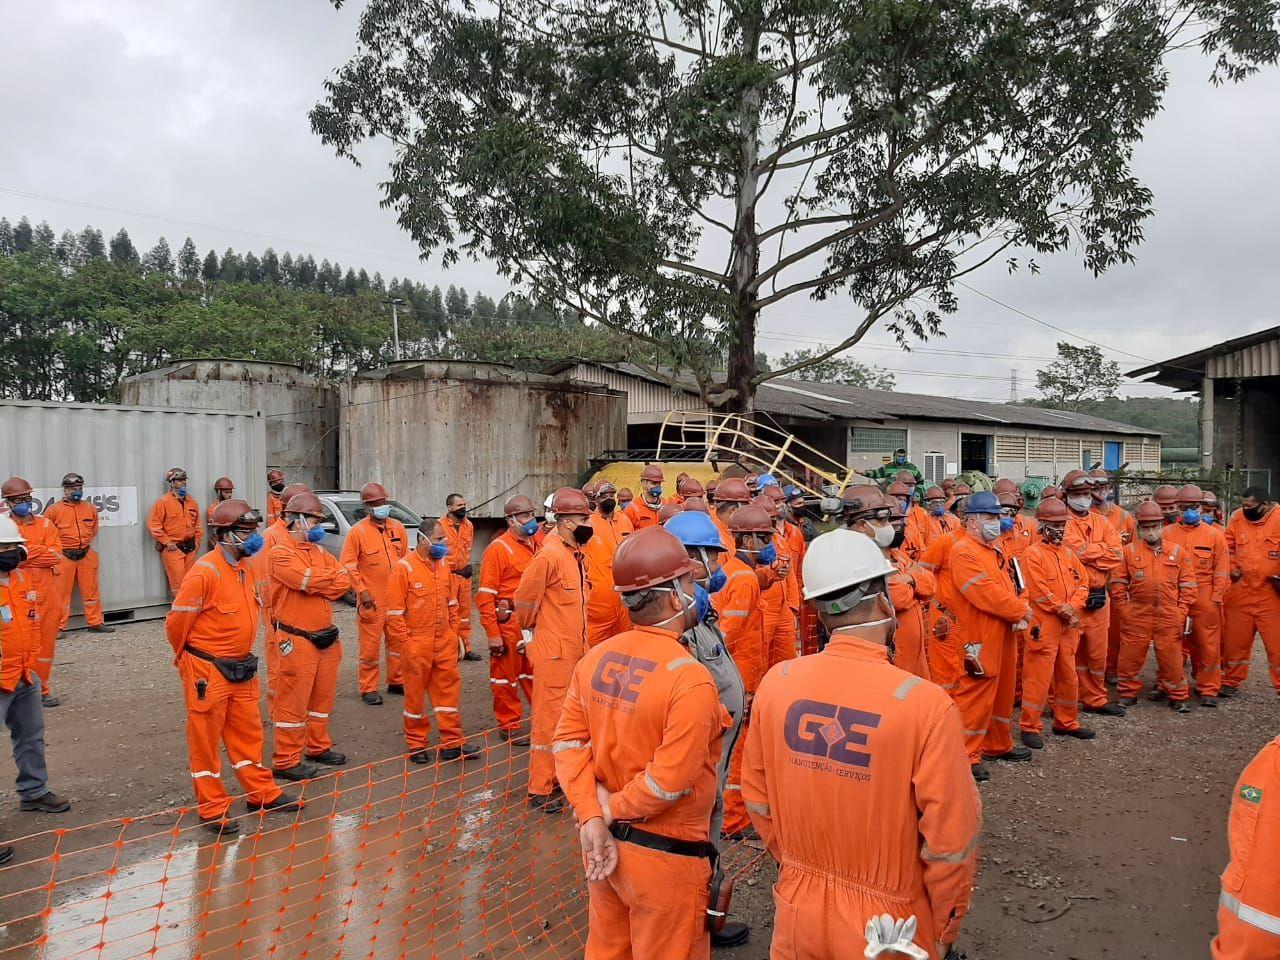 Petrobras Refinaria G&E Manutenção e Serviços São Paulo